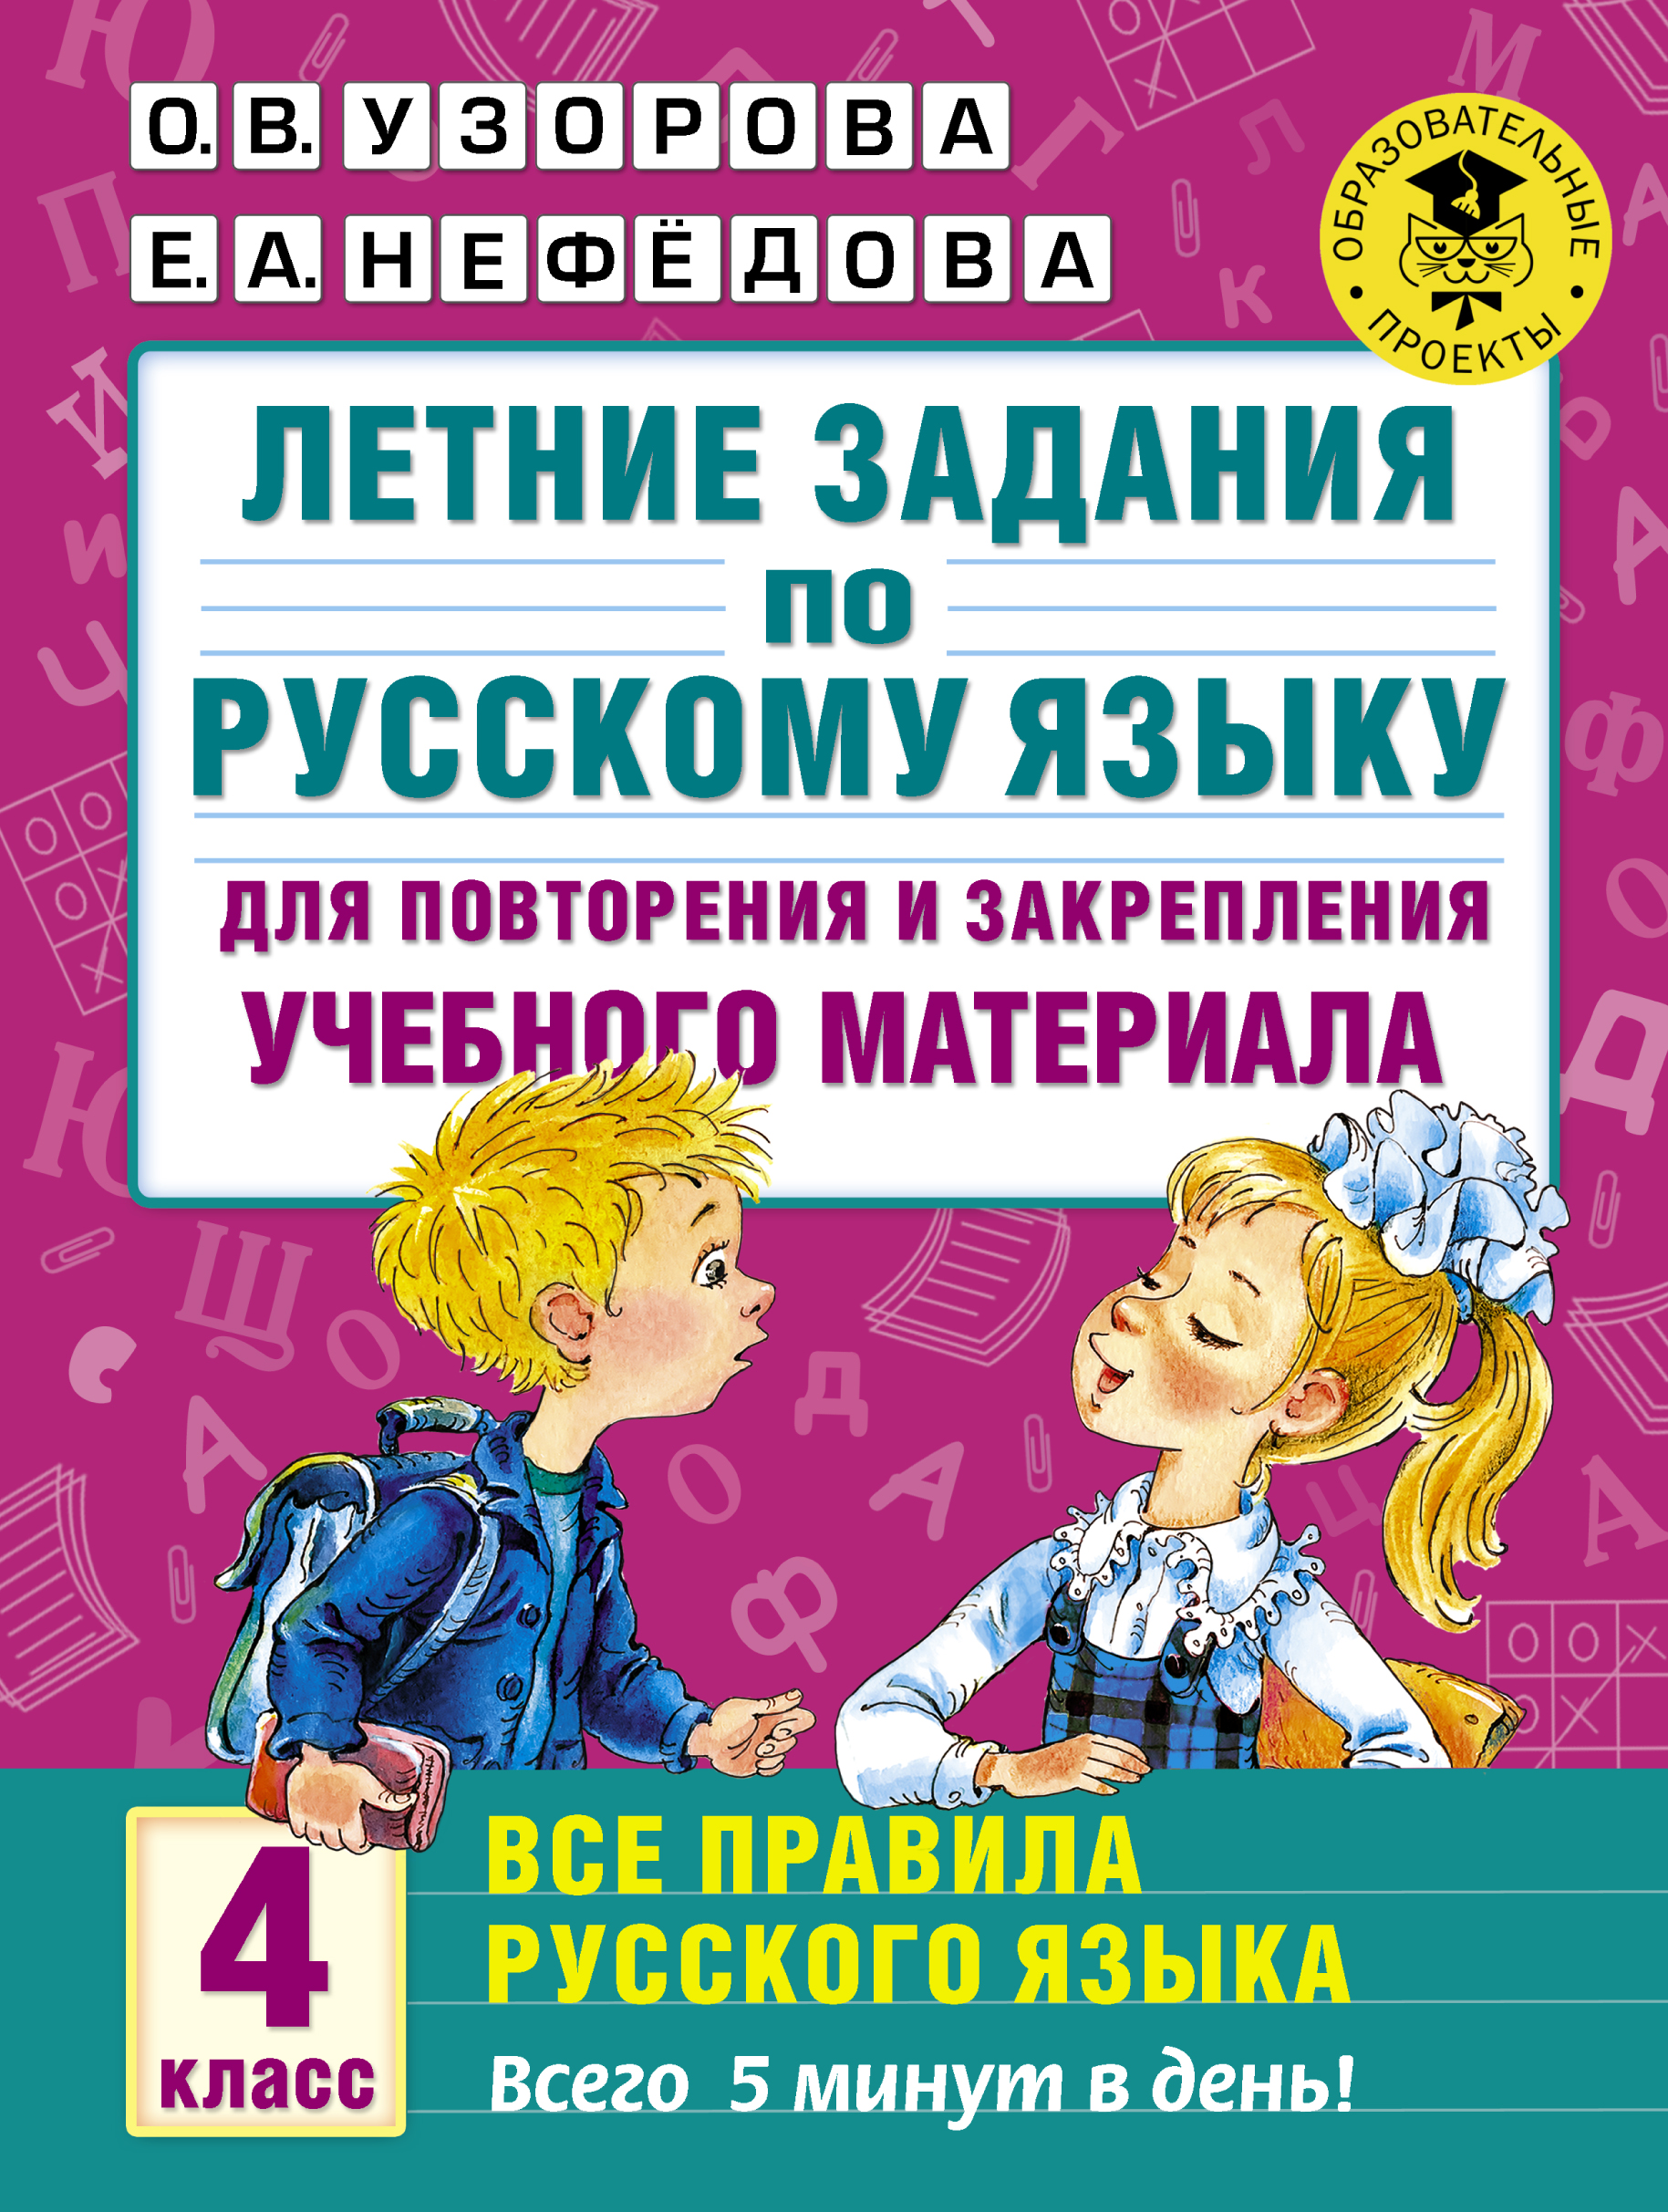 Летние задания по русскому языку  повторения и закрепления учеб. материала. 4 кл